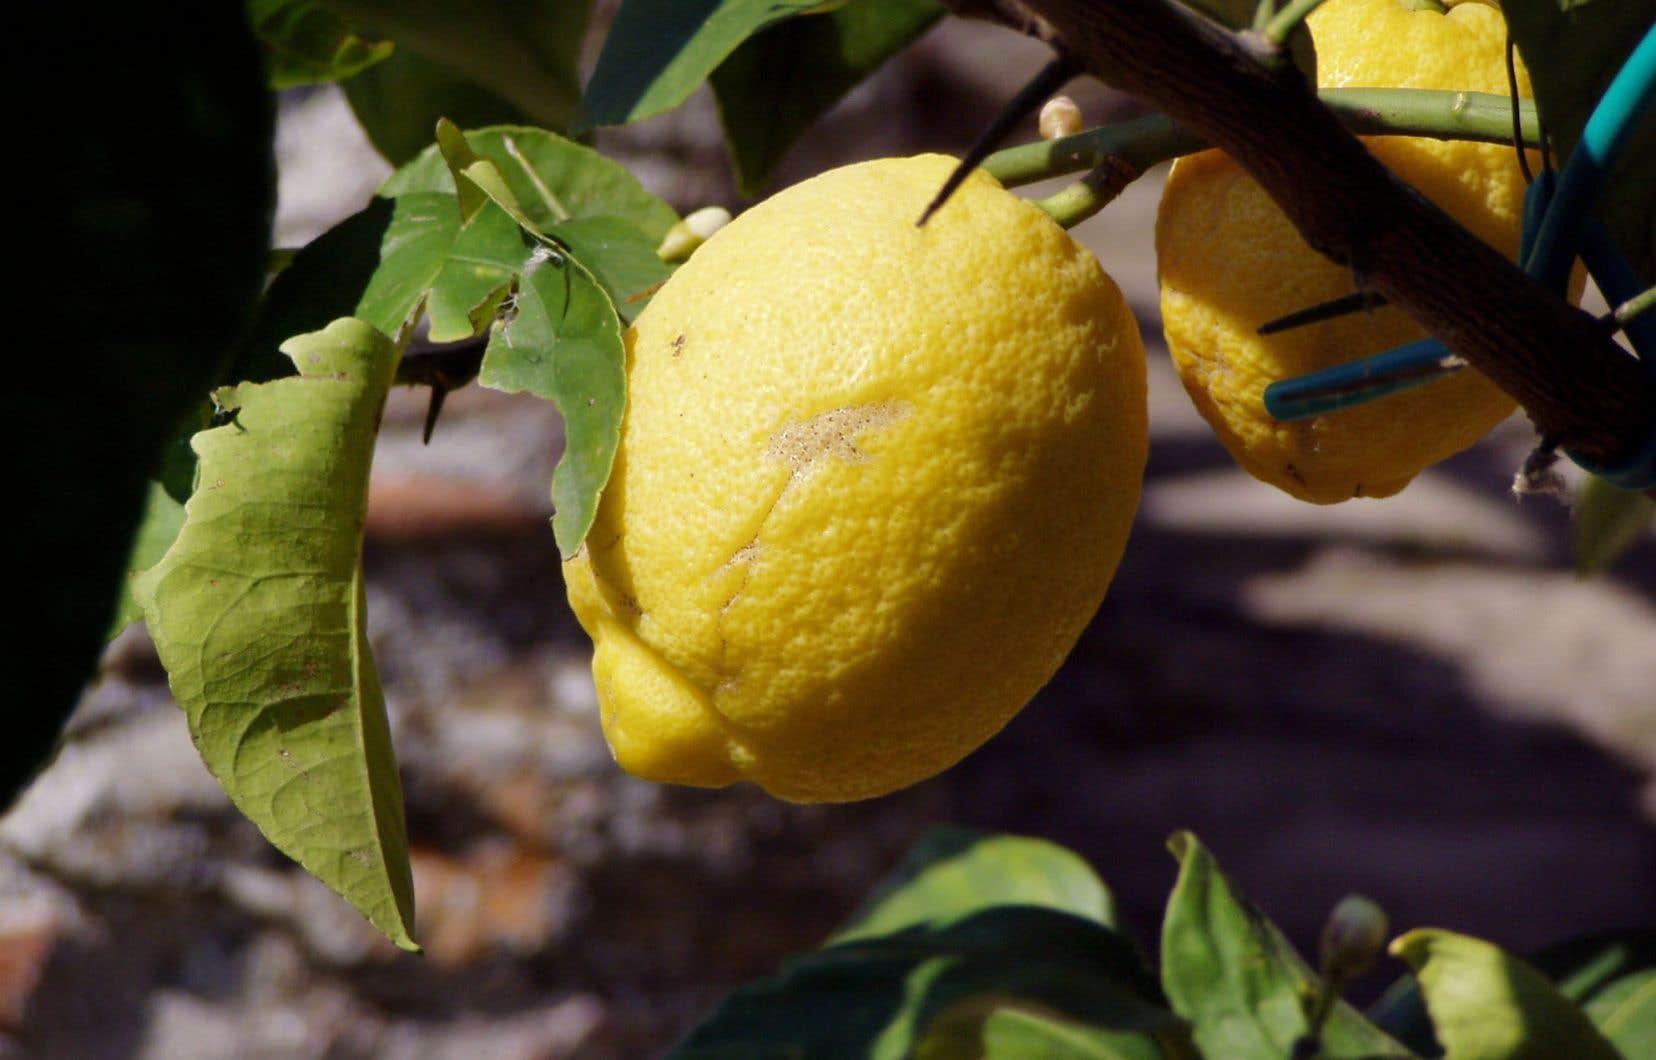 Le citron Meyer est reconnu en cuisine pour son goût moins acide et plus aromatique que les autres citrons.